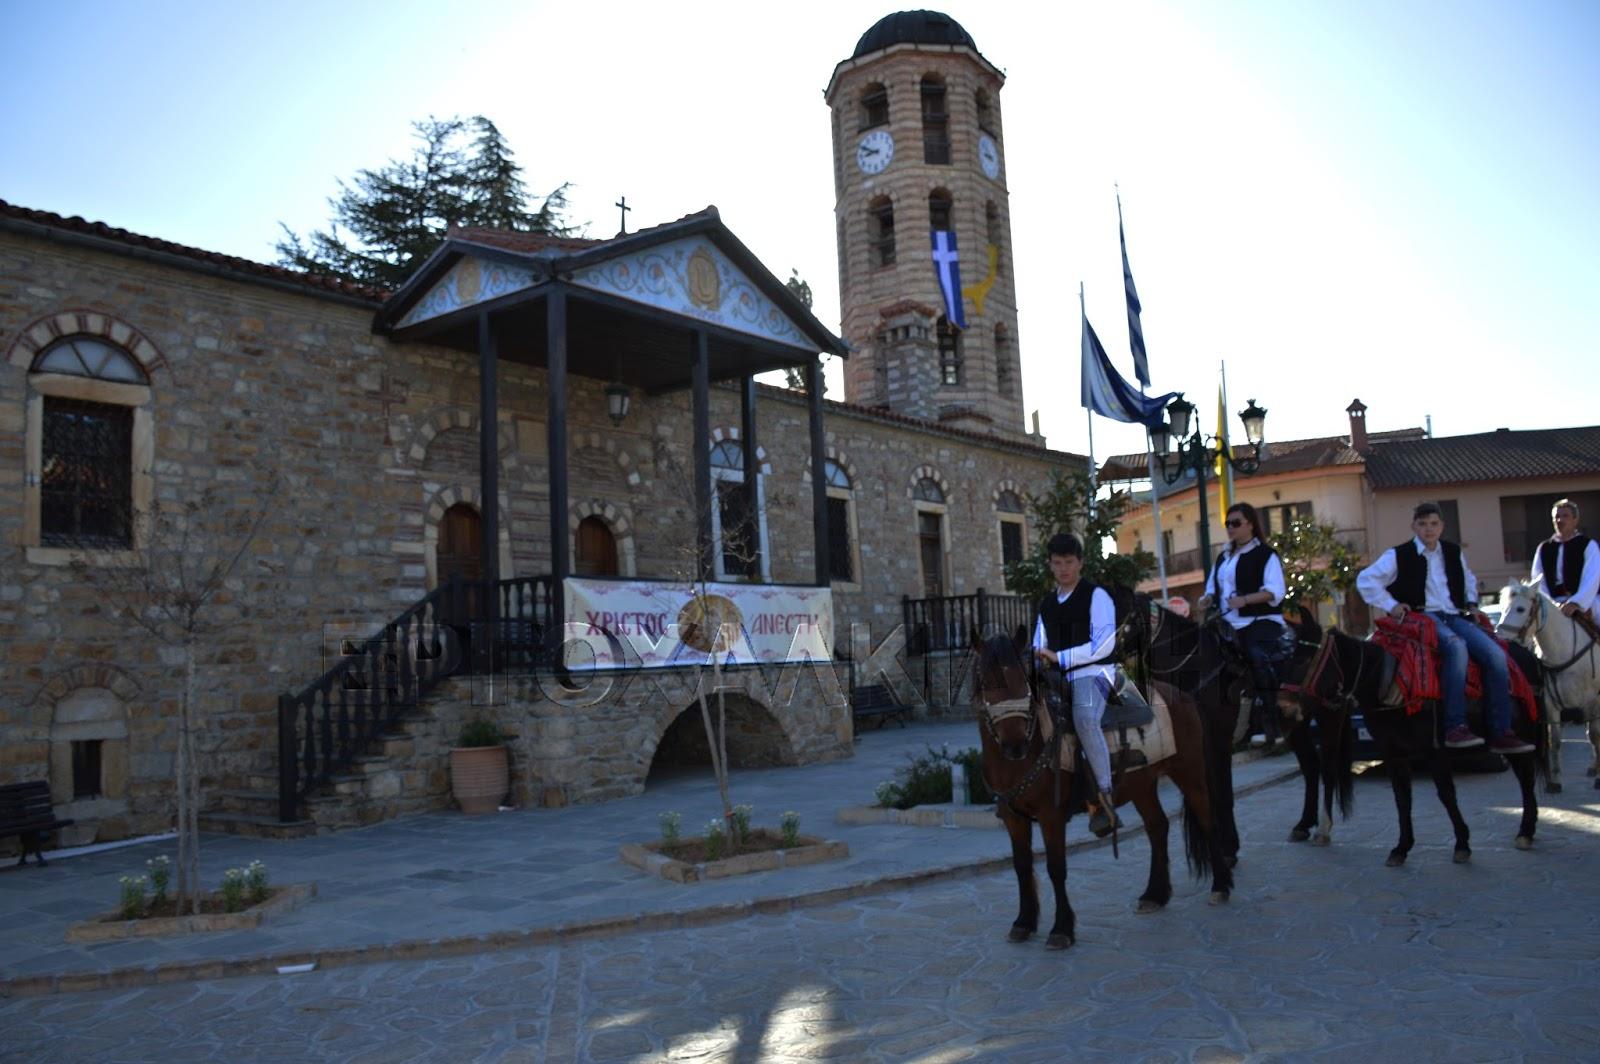 Η Αναβίωση του Εθίμου ''Κούτσμανος'' και ''Σουσαρίτσα'' στην Αρναία Χαλκιδικής